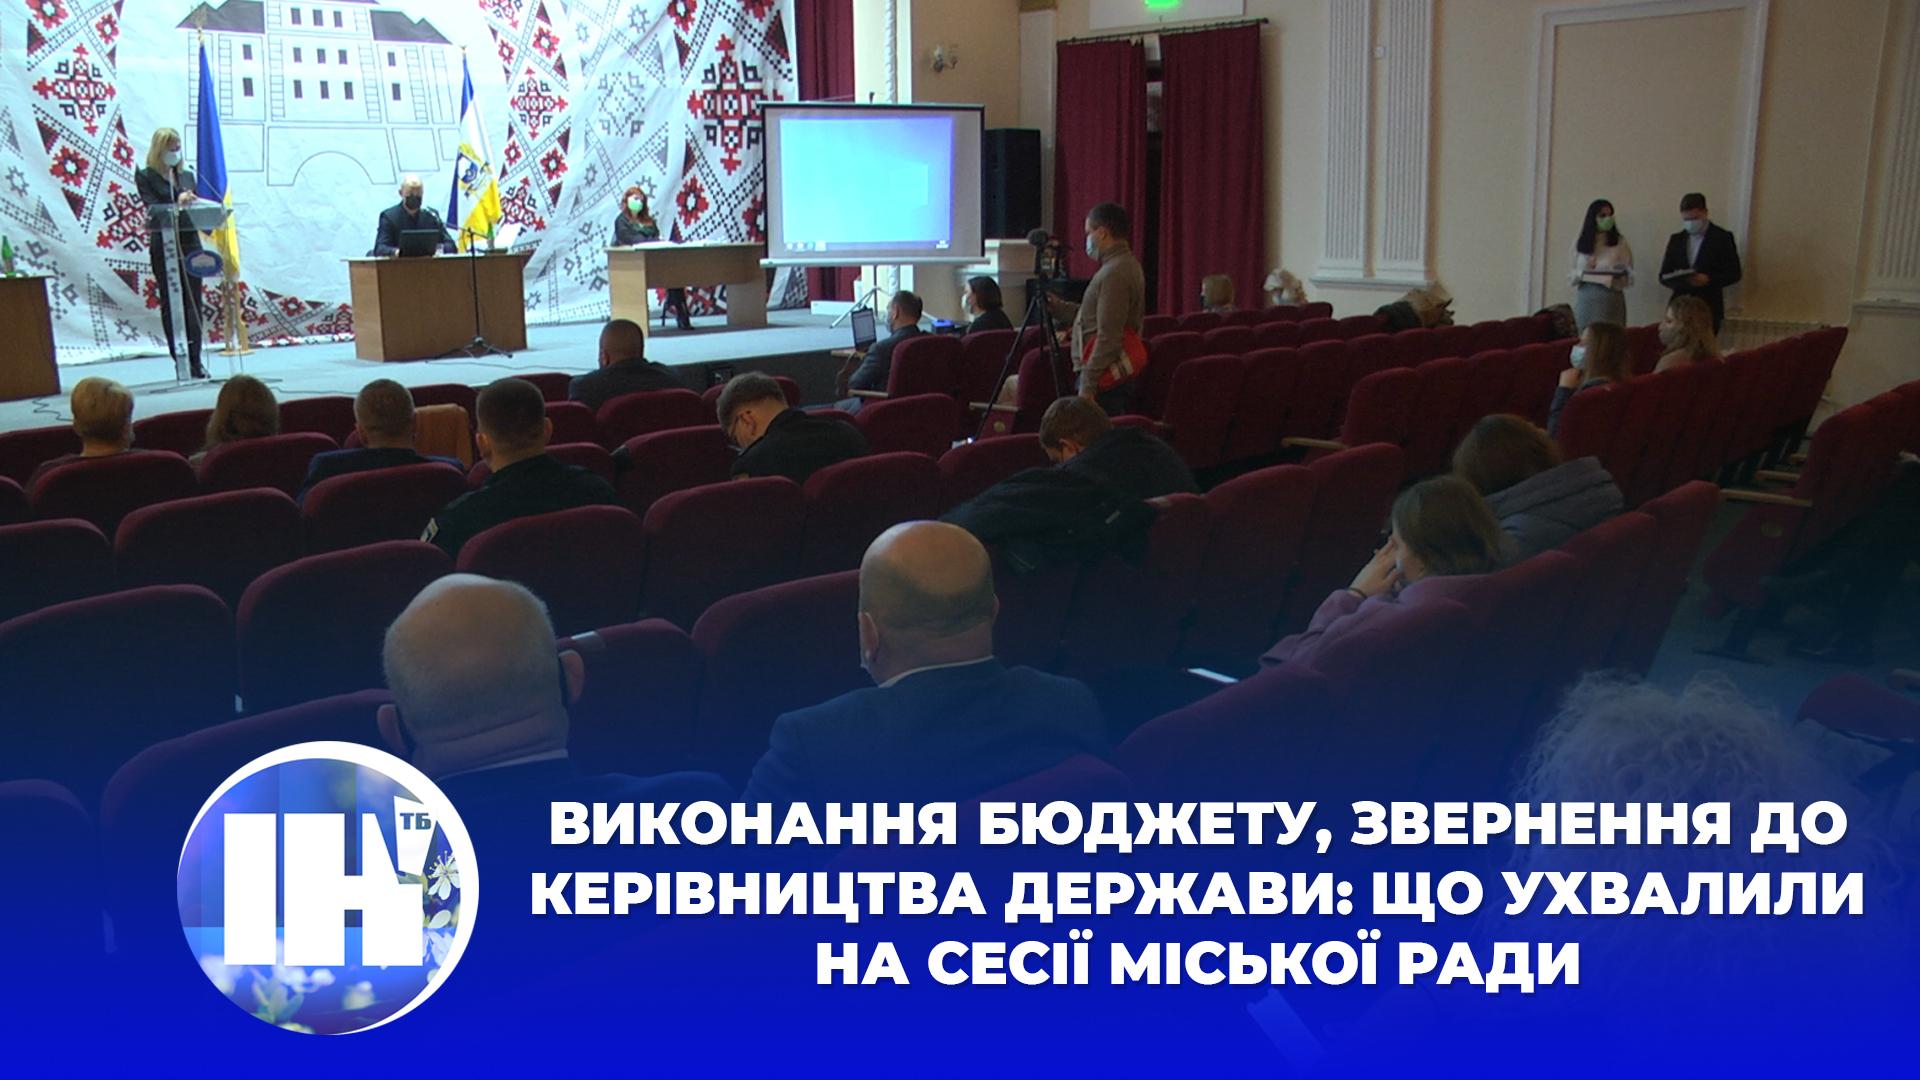 Виконання бюджету, звернення до керівництва держави: що ухвалили на сесії міської ради